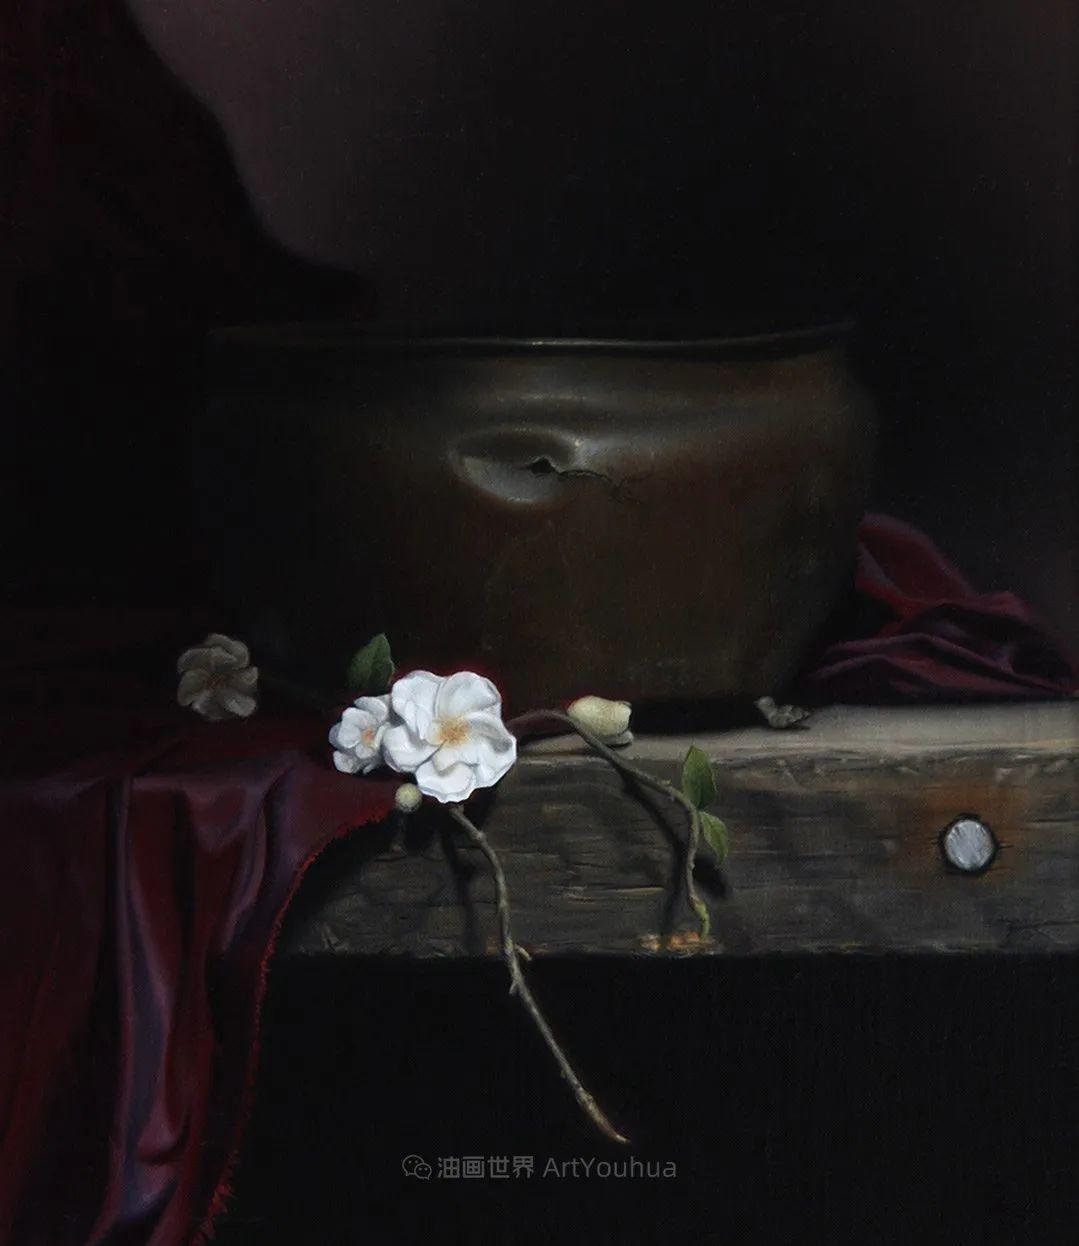 细致入微的静物与肖像,加拿大女画家凯瑟琳·斯通插图15